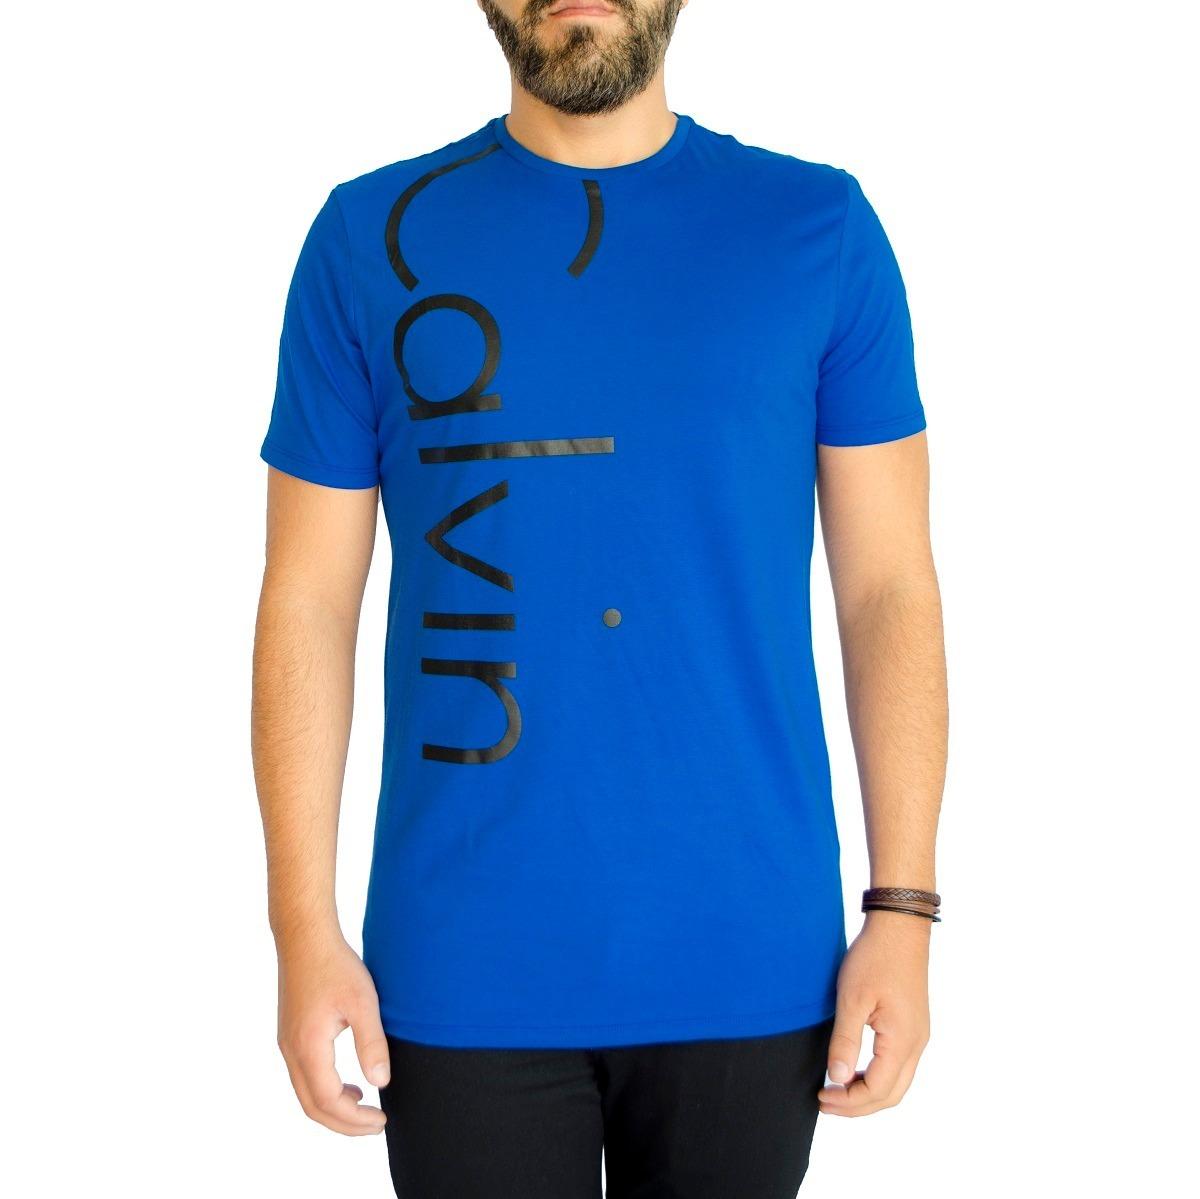 camisa camiseta calvin klein jeans ck masc emborrachada azul. Carregando  zoom. 713decc9277